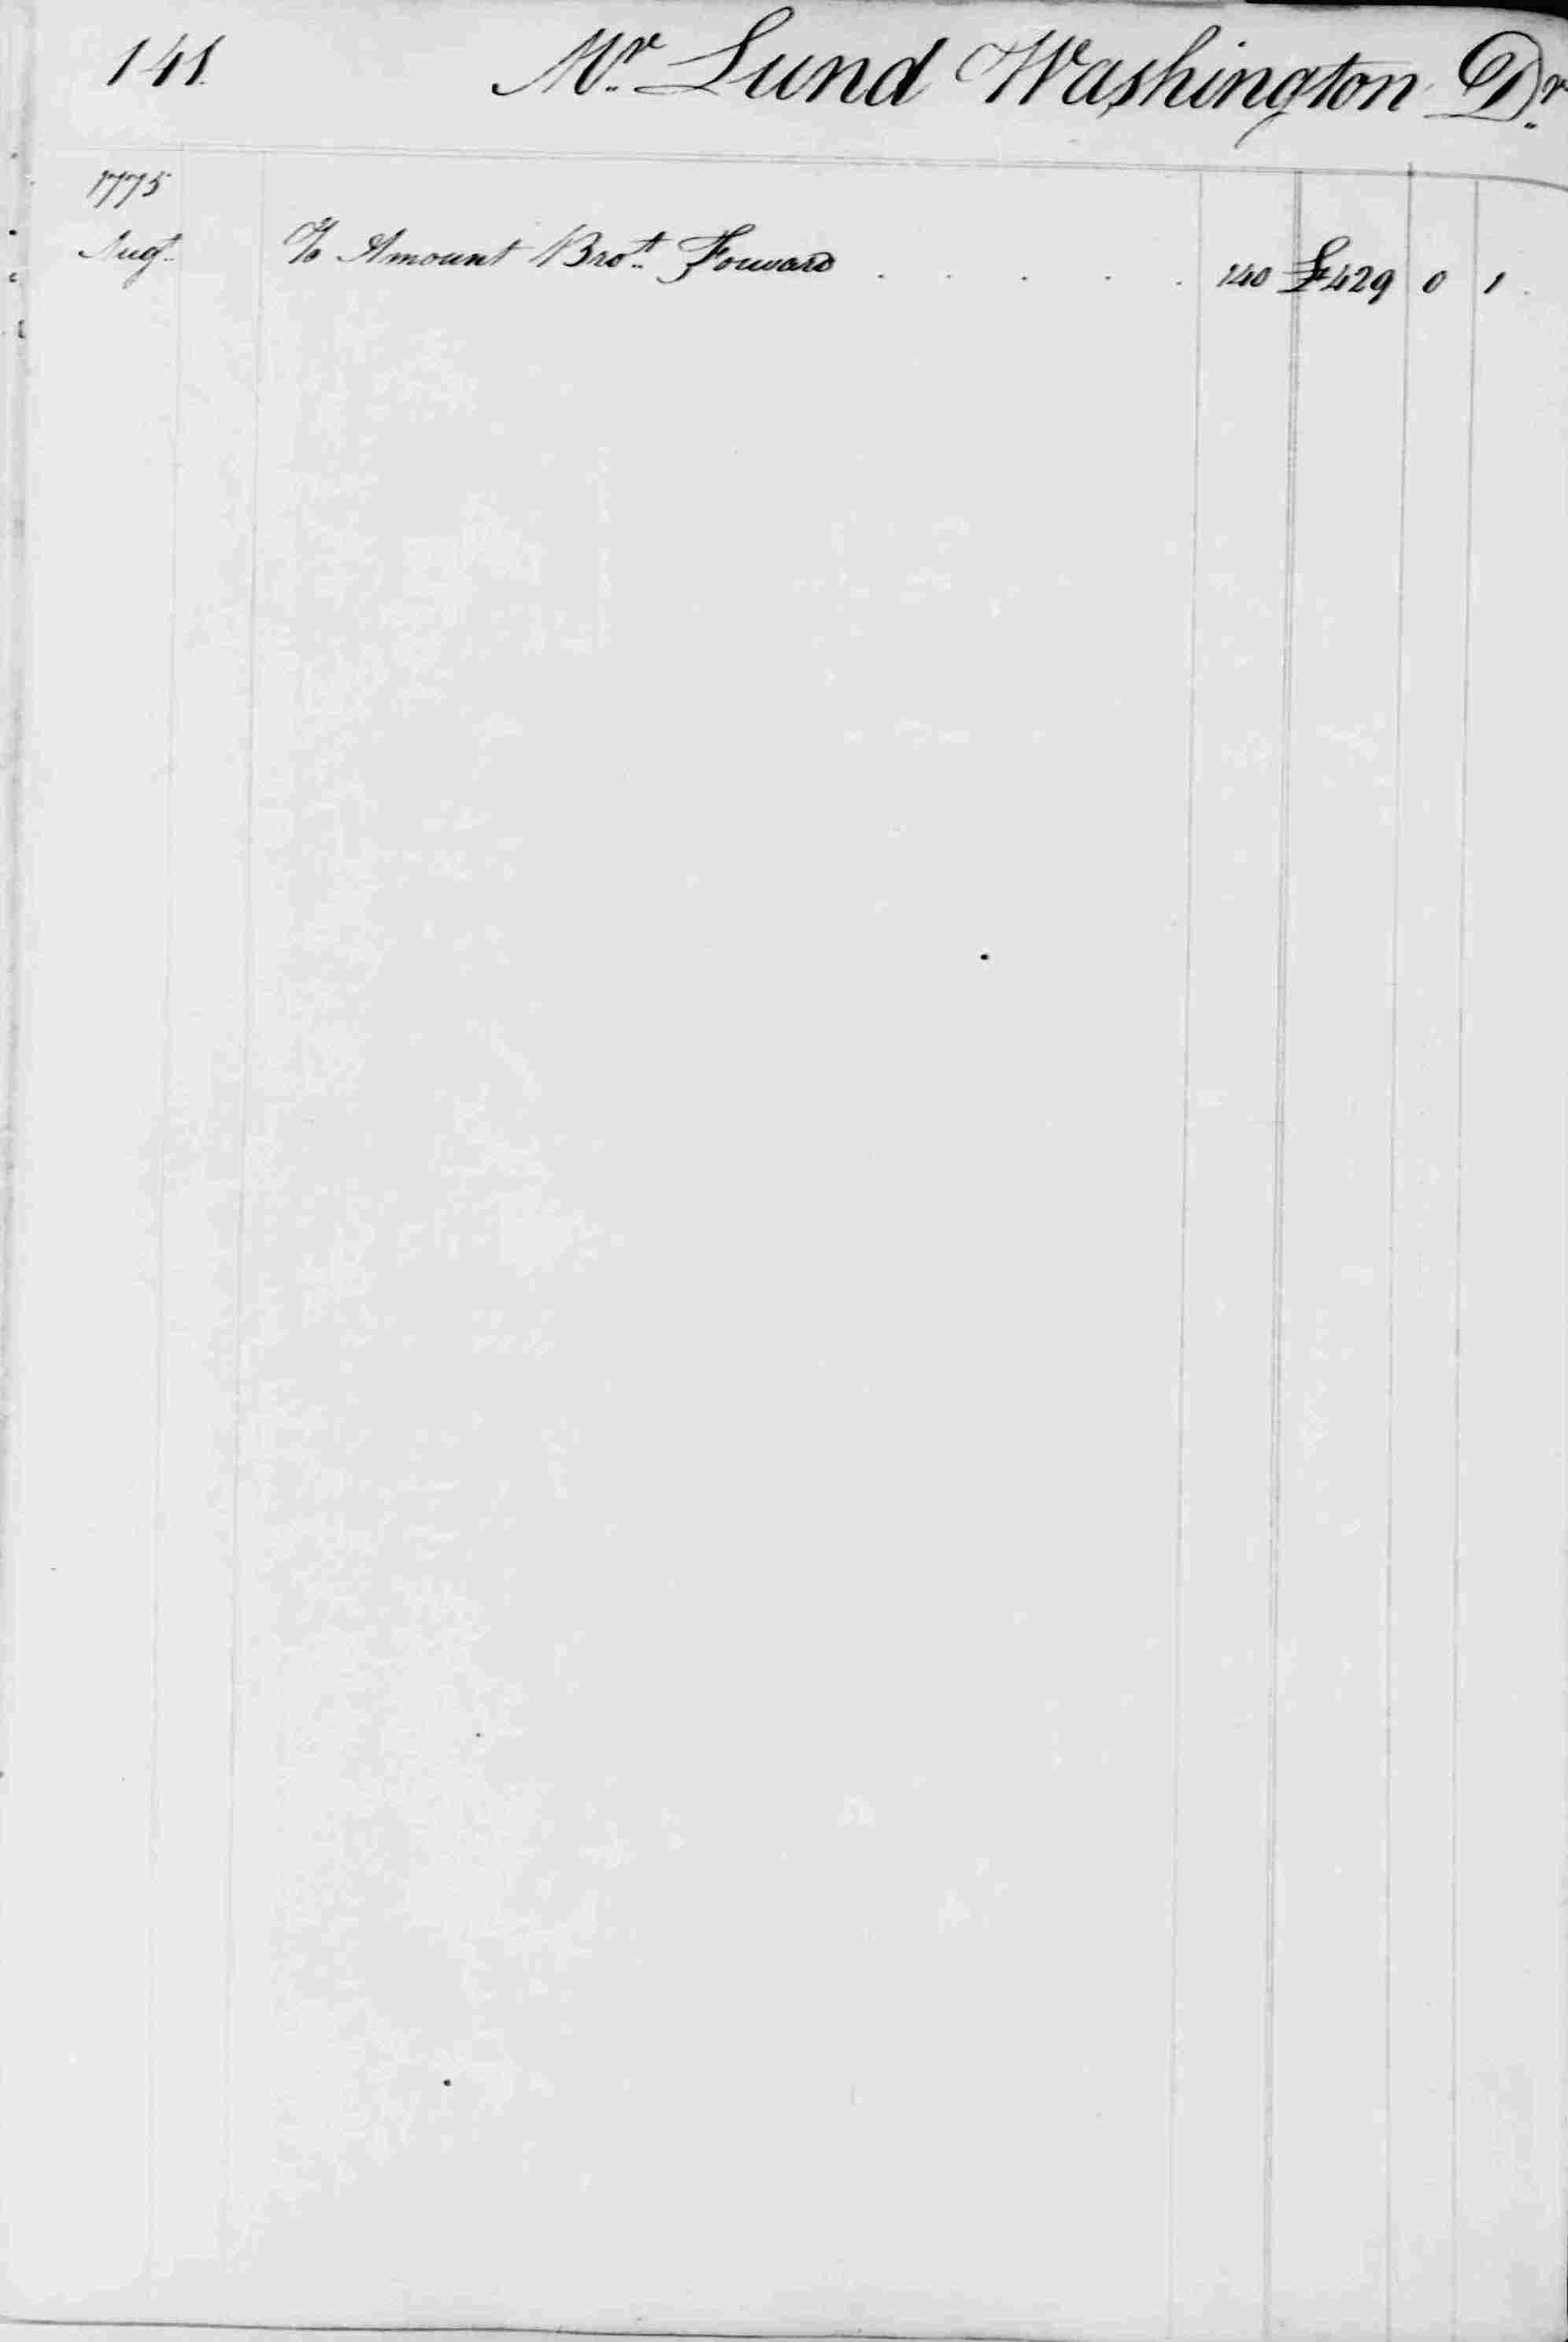 Ledger B, folio 141, left side